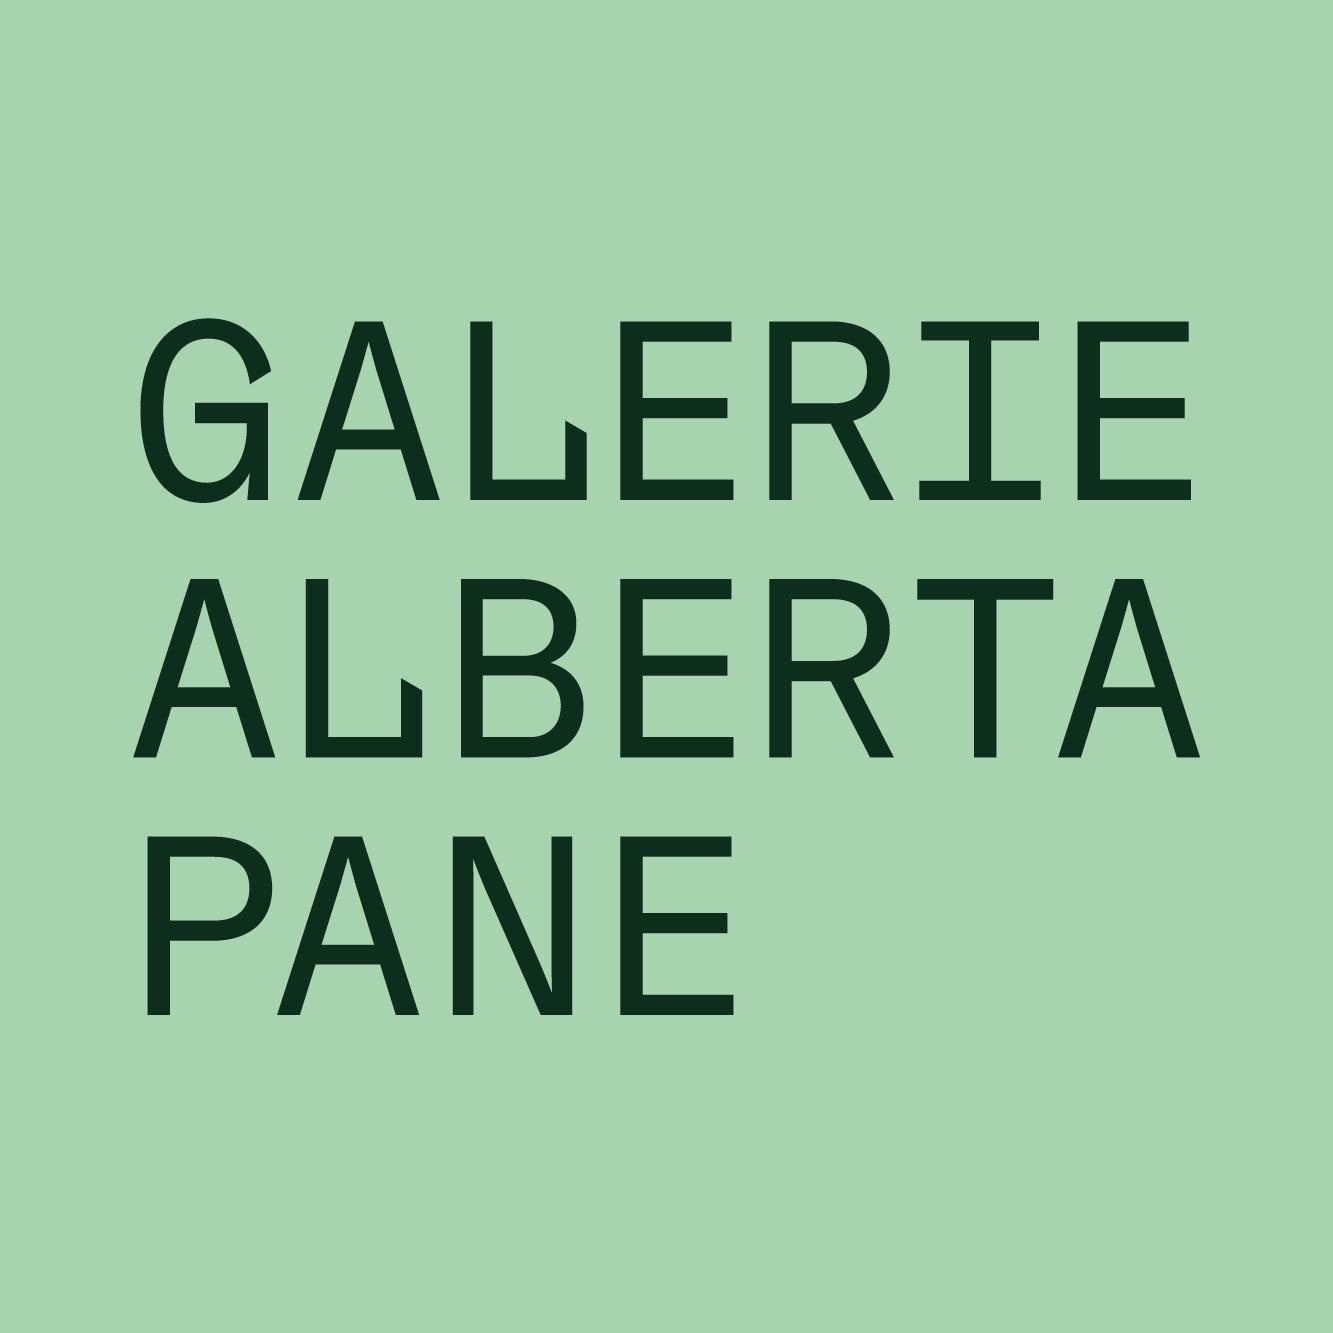 GALERIE ALBERTA PANE